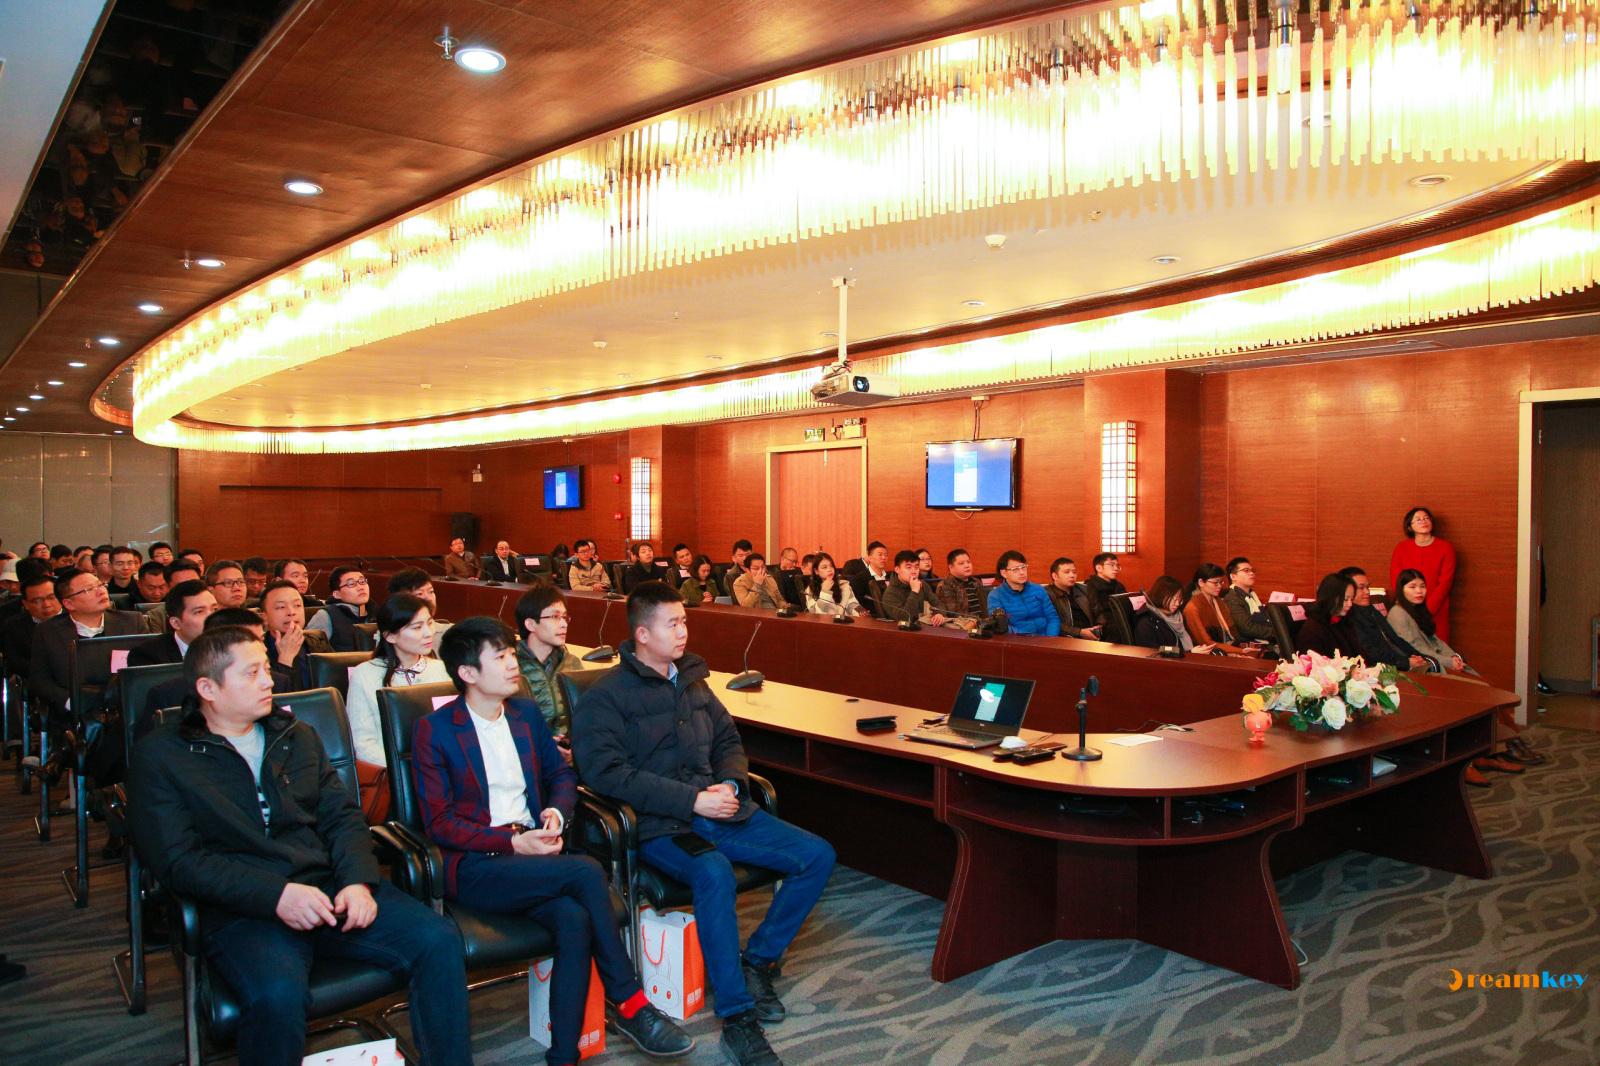 卓启链盟成立暨产业合作项目签约会议召开